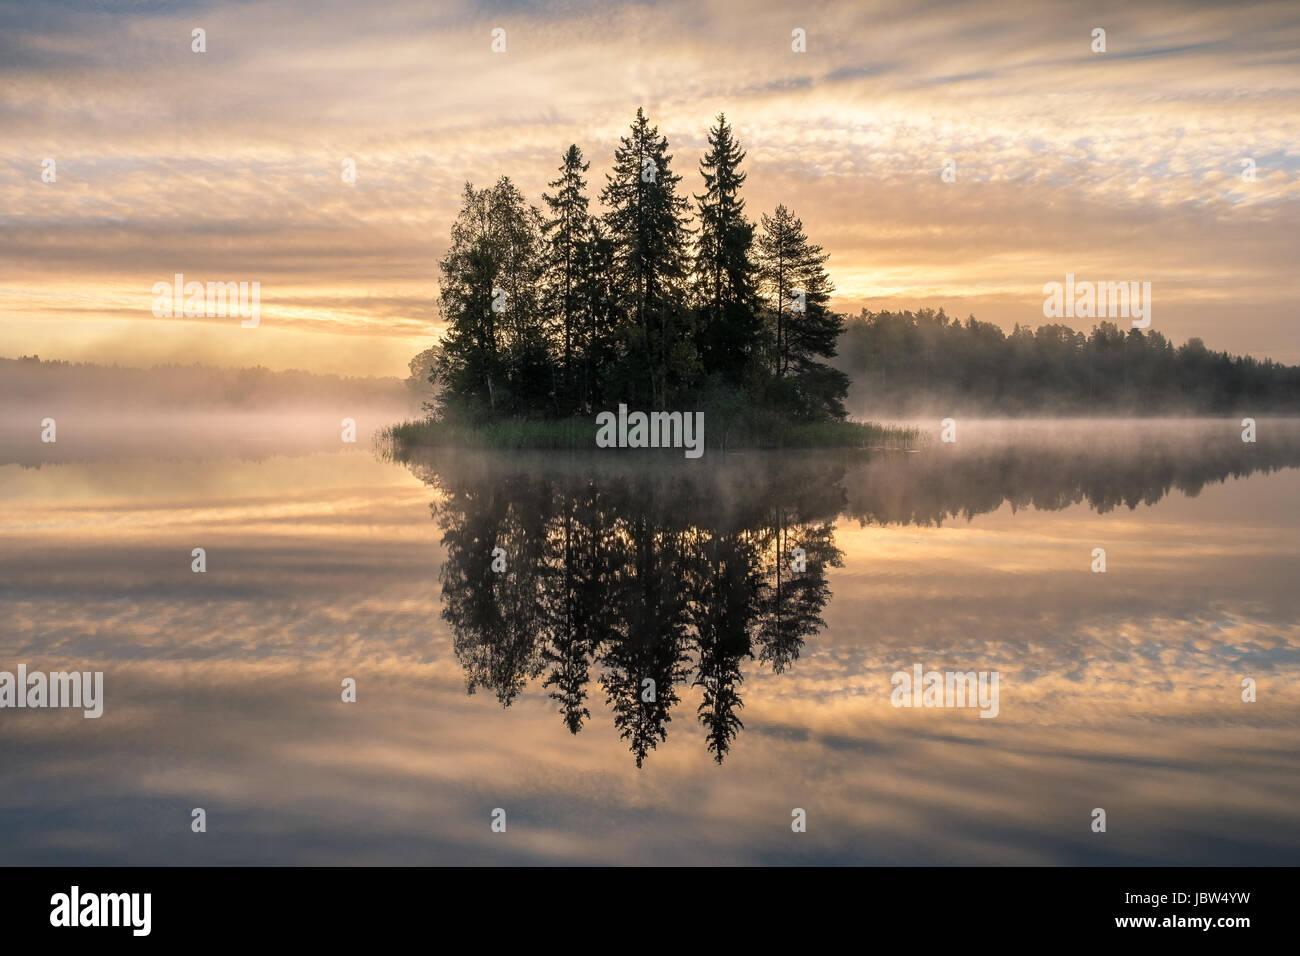 El paisaje con el amanecer y la idílica isla temprano en la mañana en Finlandia Imagen De Stock